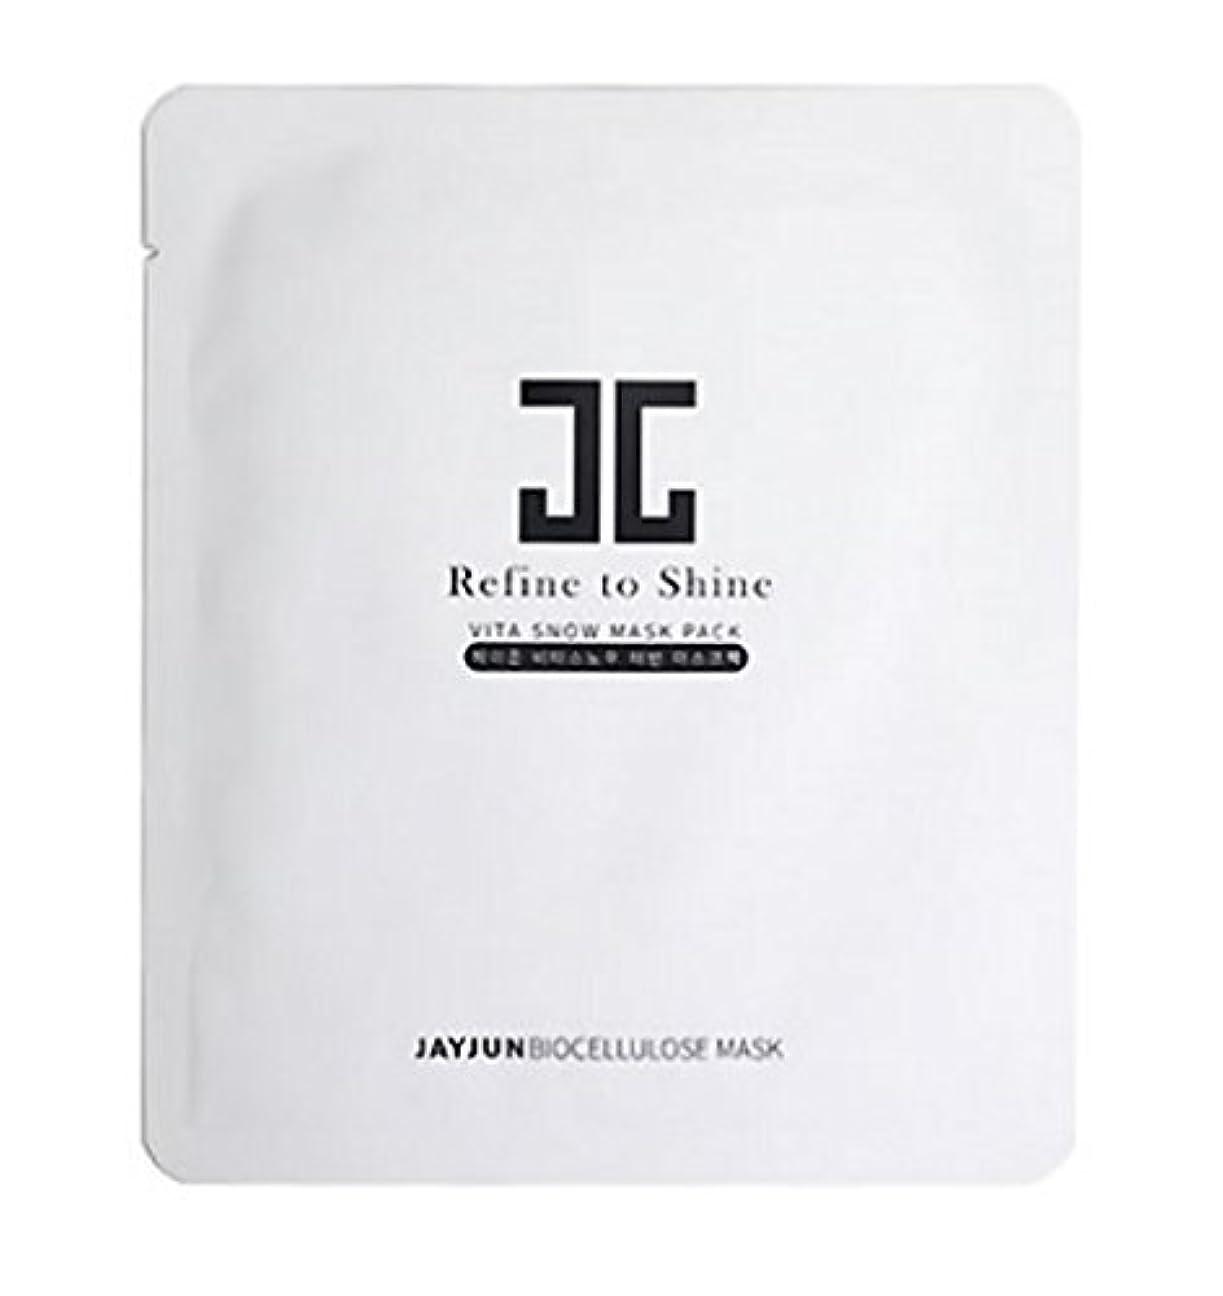 コカイン頑張る伝統的JAYJUN ジェイジュン ヴィタスノー プレミアム バイオセルロース プラセンタフェイシャルマスク[5枚入り]Vita Snow Premium Bio Cellulose placenta Facial Mask [...